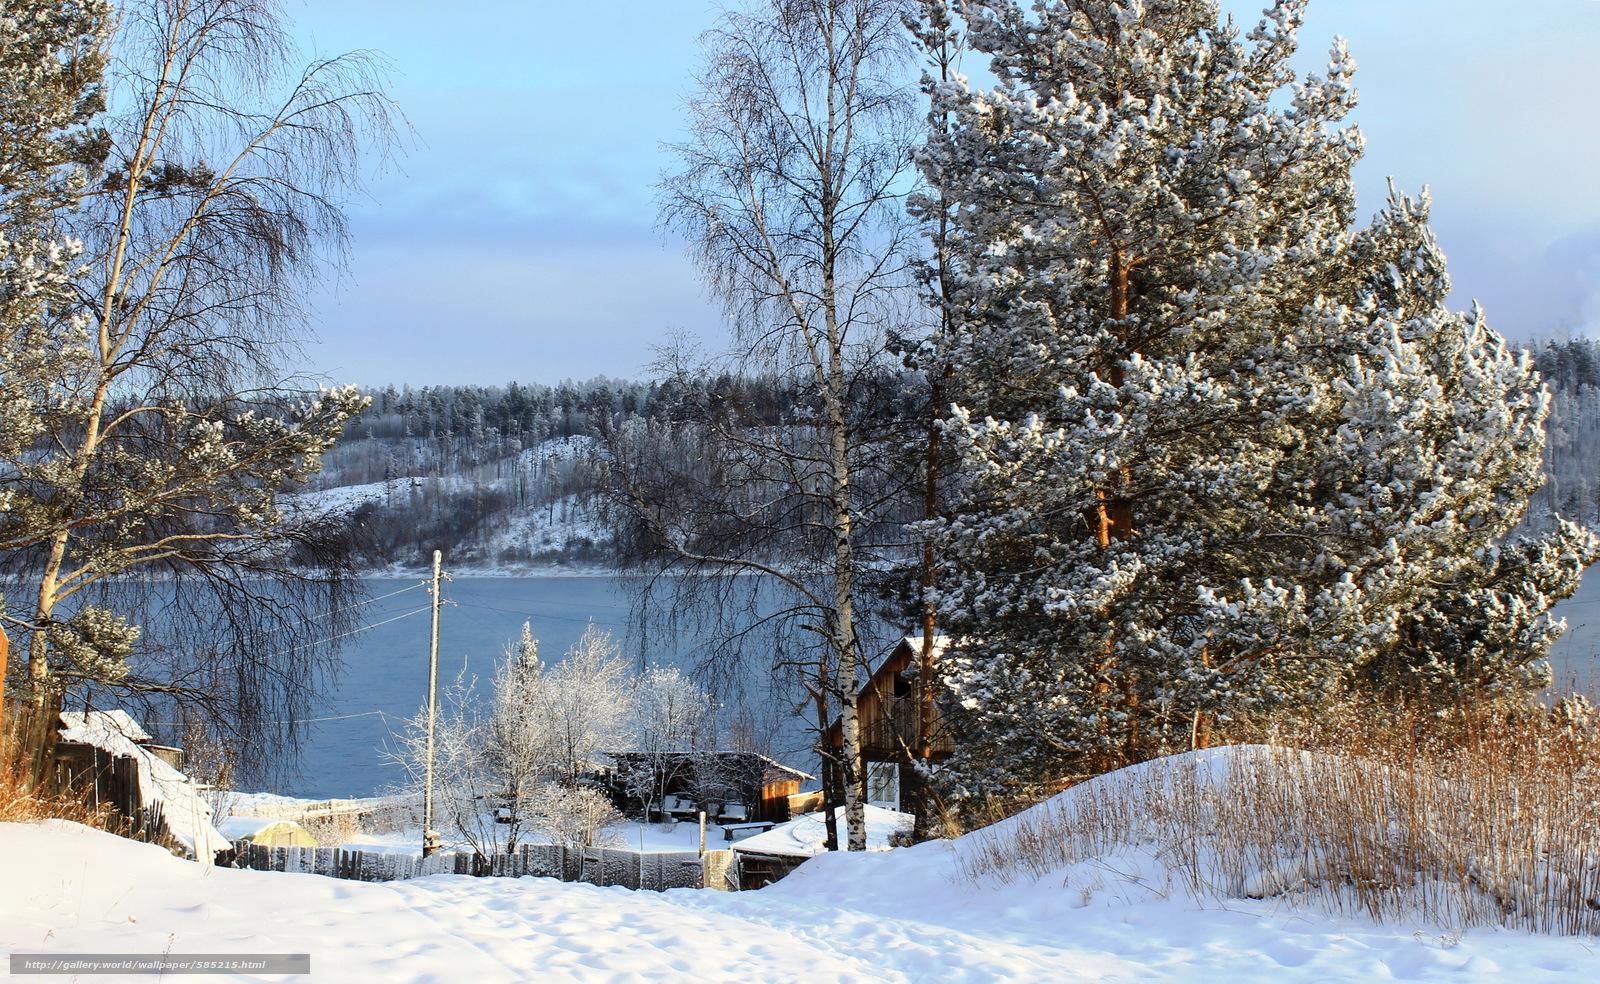 Tlcharger fond d 39 ecran hiver russie photo neige fonds d for Fond ecran gratuit pour ordinateur hiver